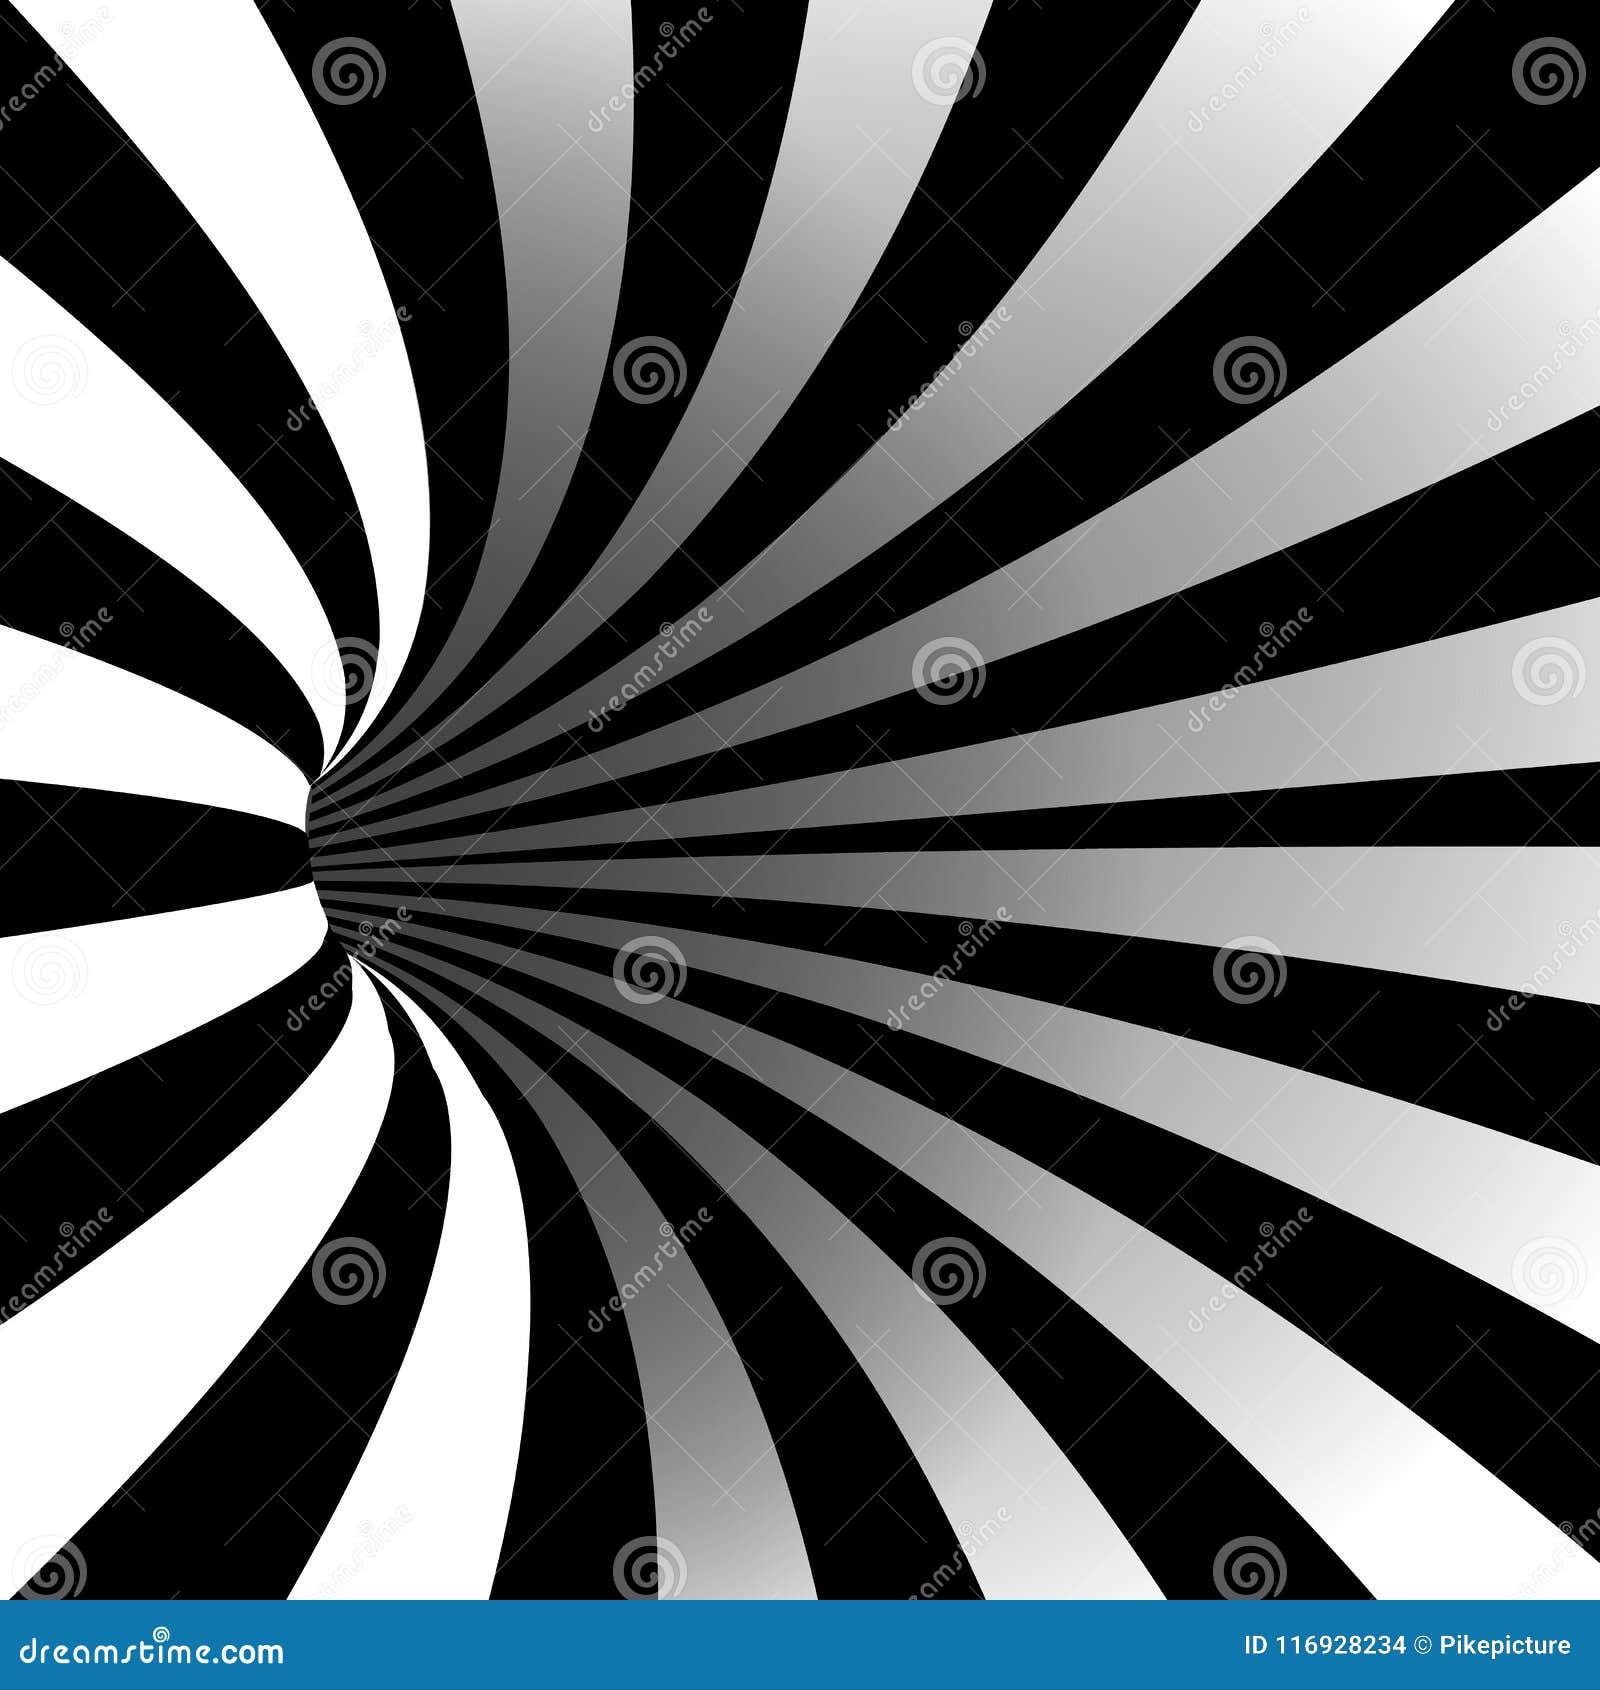 Vecteur De Vortex En Spirale Illusion Art Optique Tunnel Rayé De